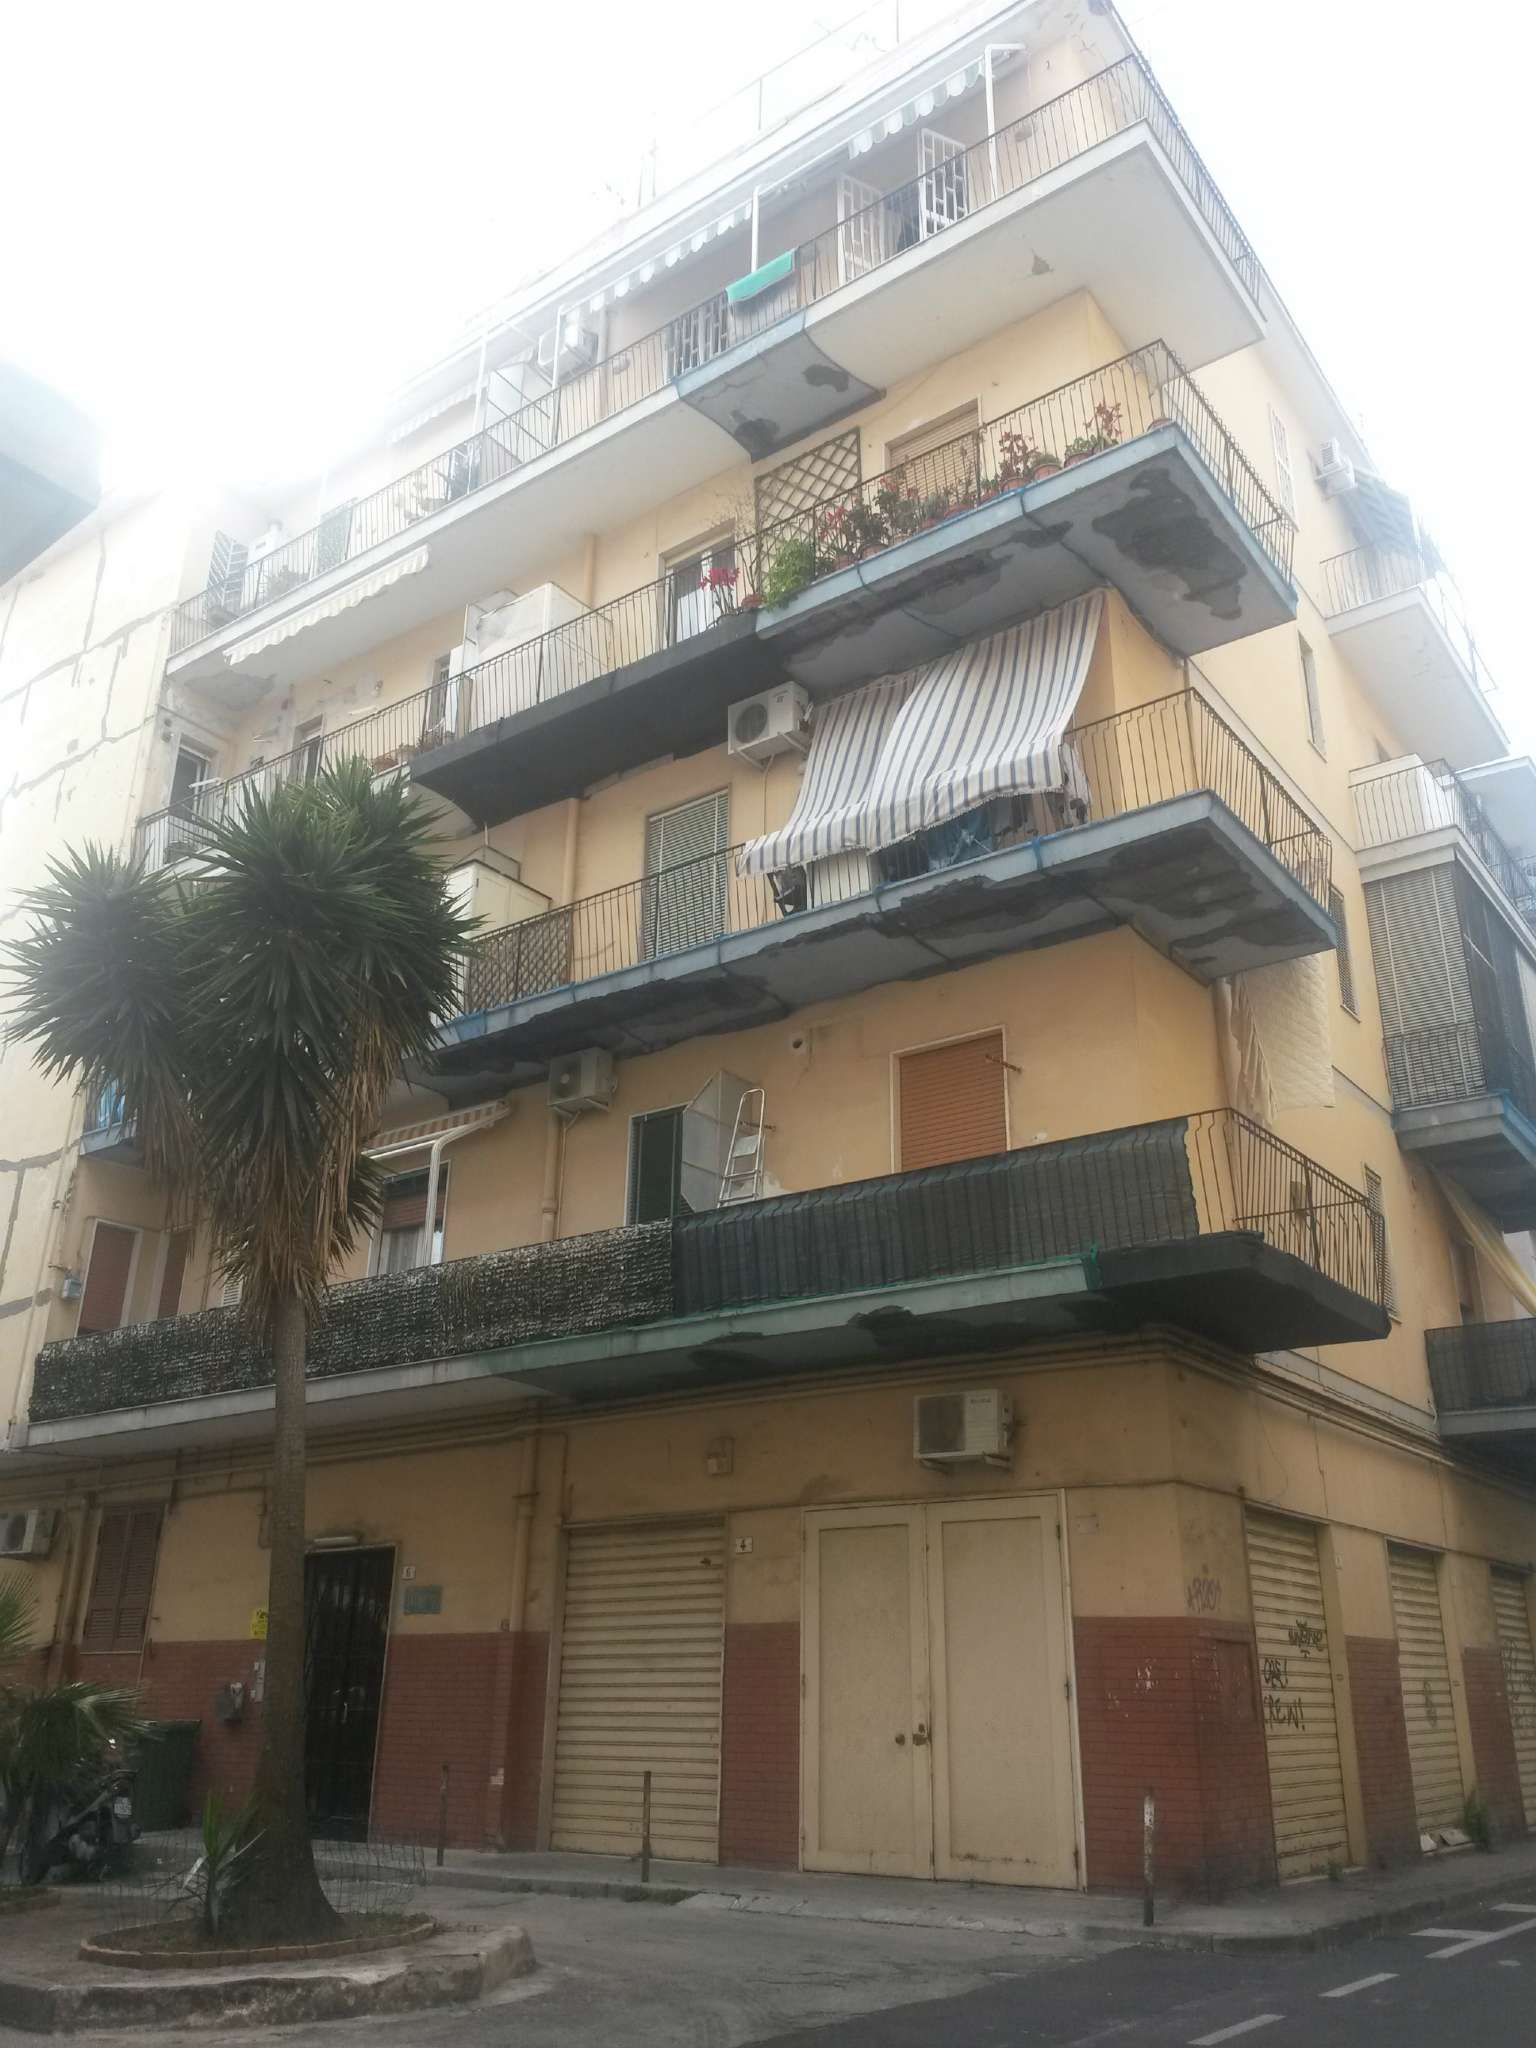 Appartamento in affitto a Portici, 3 locali, prezzo € 600 | Cambio Casa.it